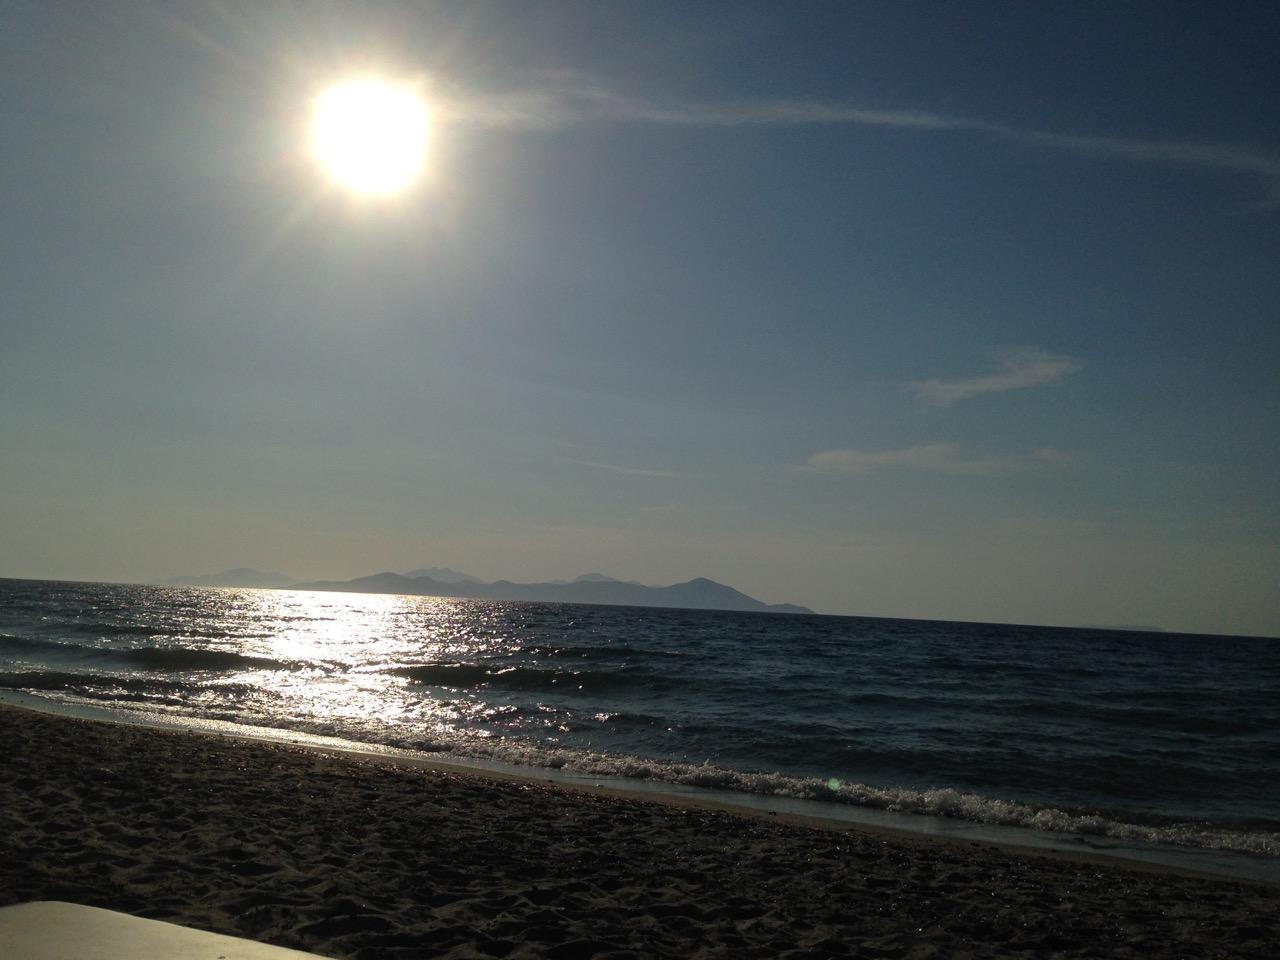 Hotel mit privatem Strand auf Kos, Griechenland VisualVest